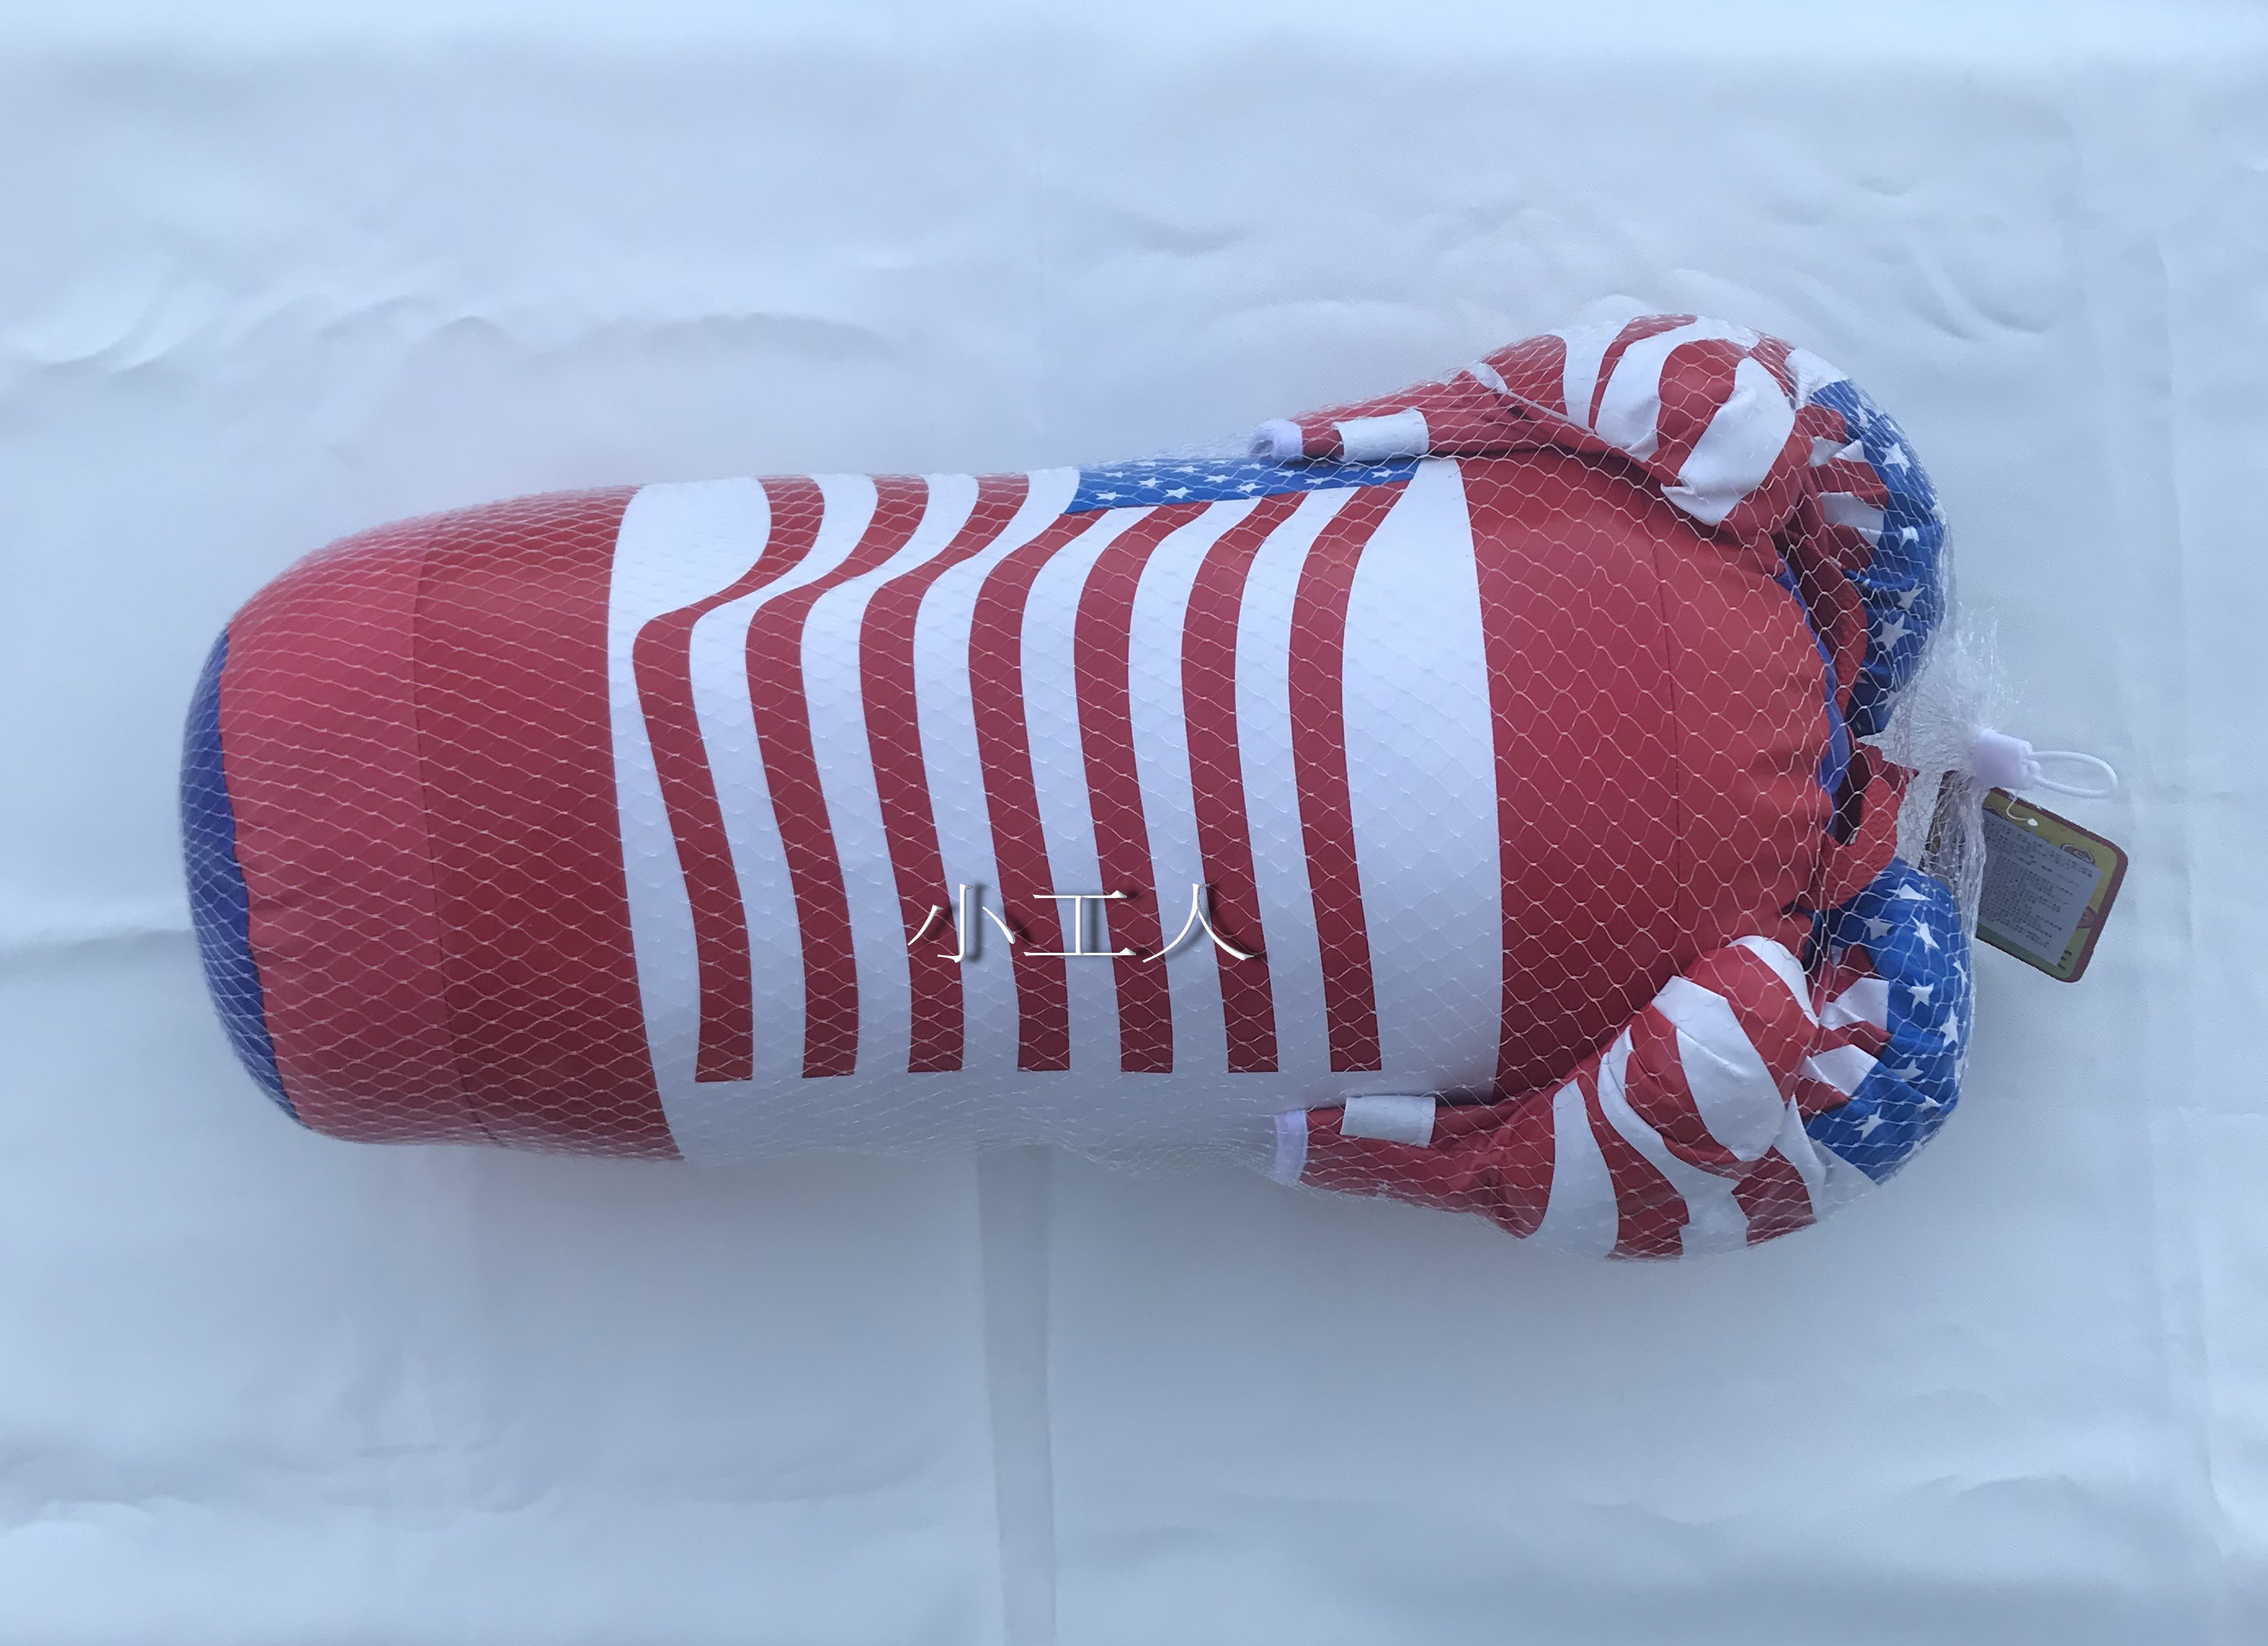 兒童拳擊手套練習組 拳擊沙包 大人也可以玩 亦可增進親子關係(超商取貨限1組)